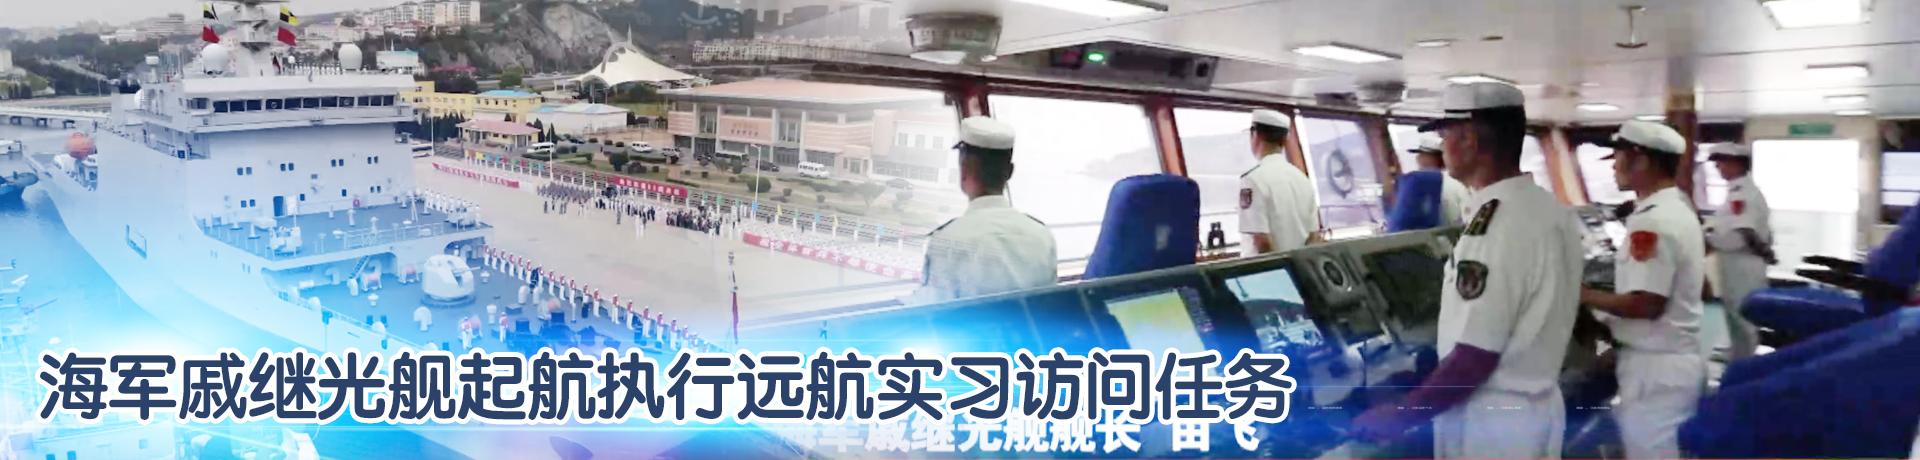 海军戚继光舰起航执行远航实习访问任务